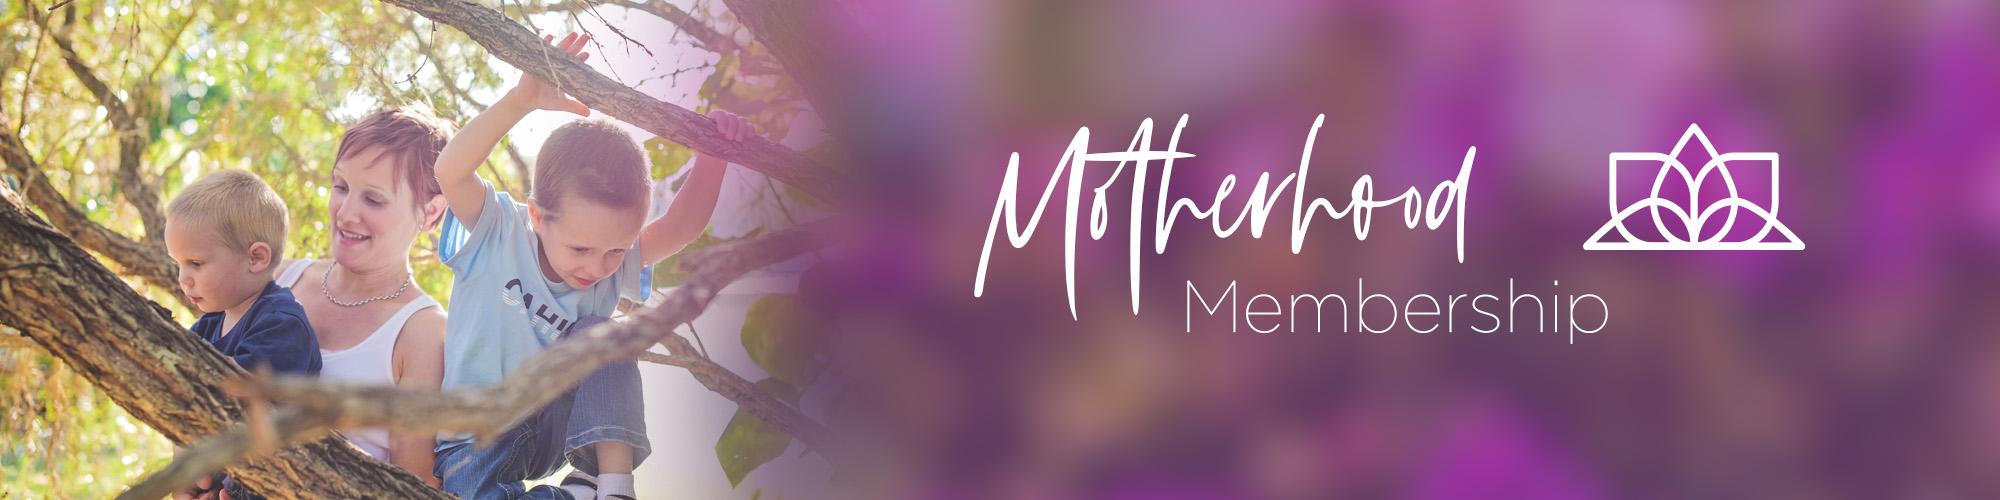 Motherhood Program